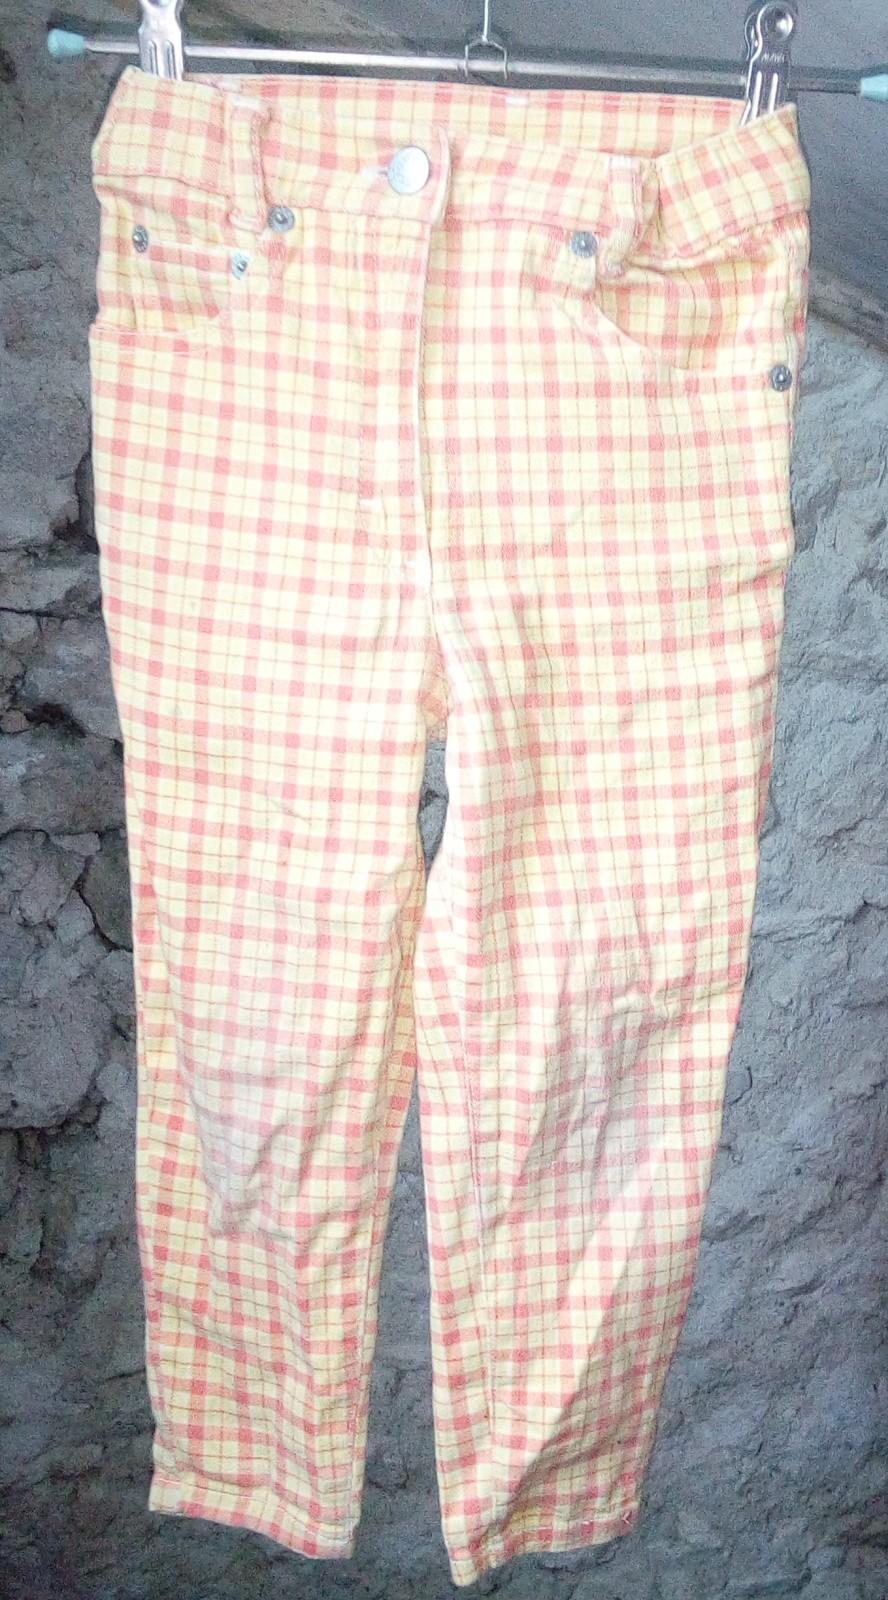 troc de troc pantalon 4 ans image 0